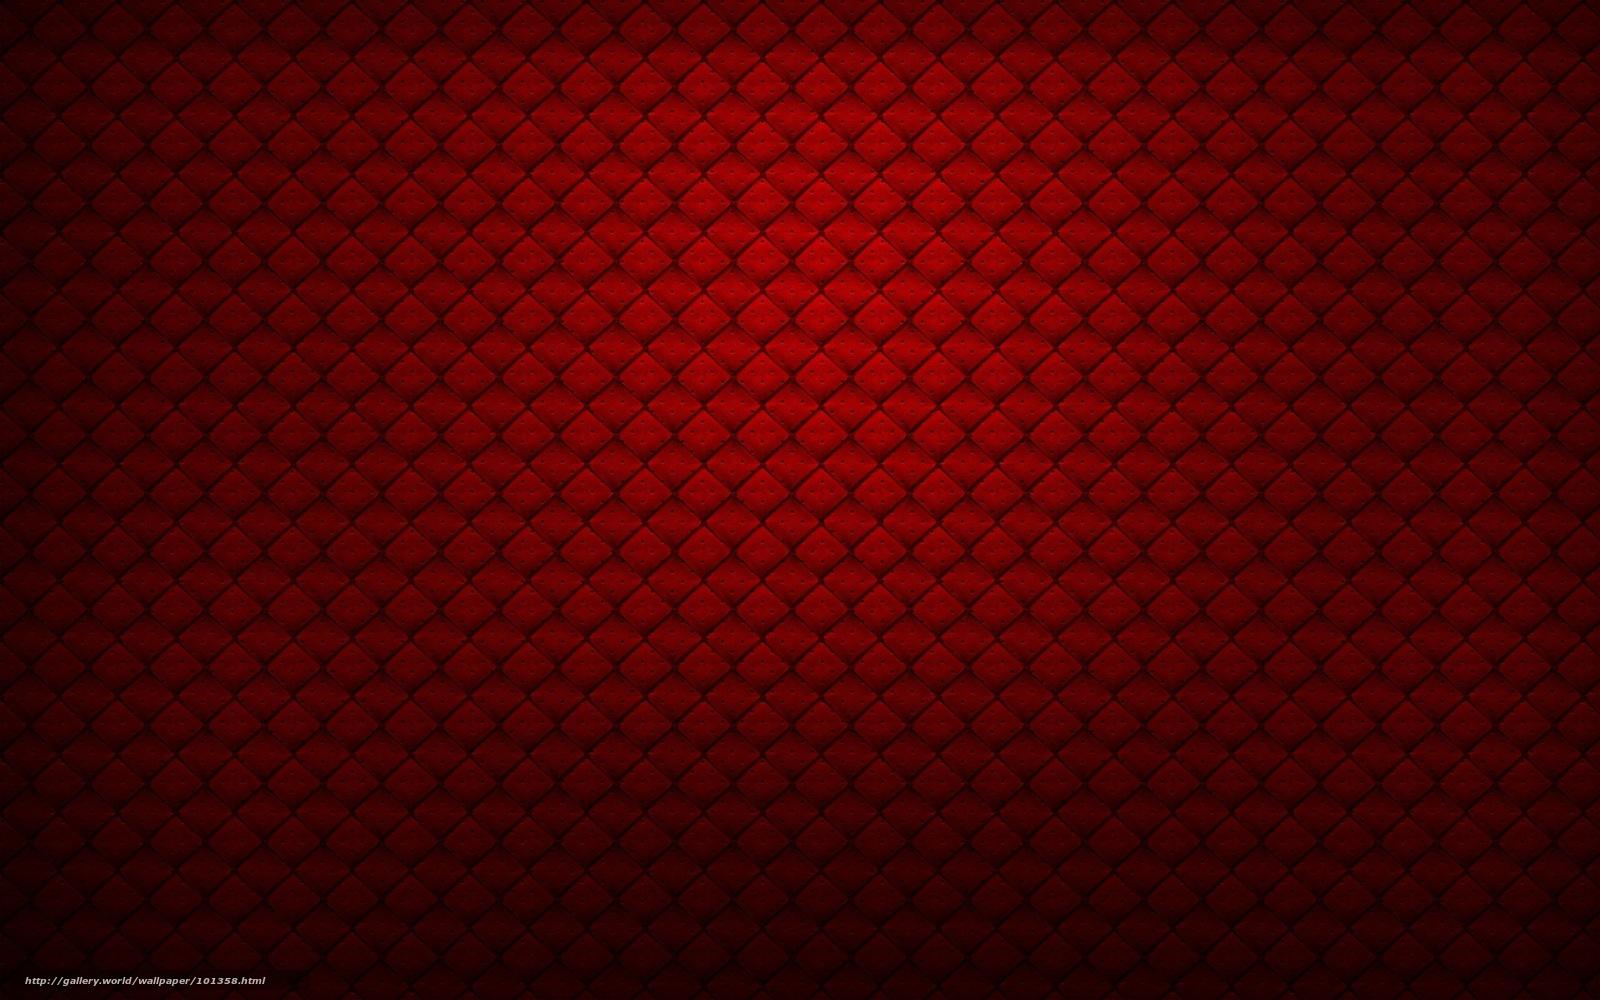 Scaricare Gli Sfondi Rosso Piastrella Sfondo Sfondi Gratis Per La